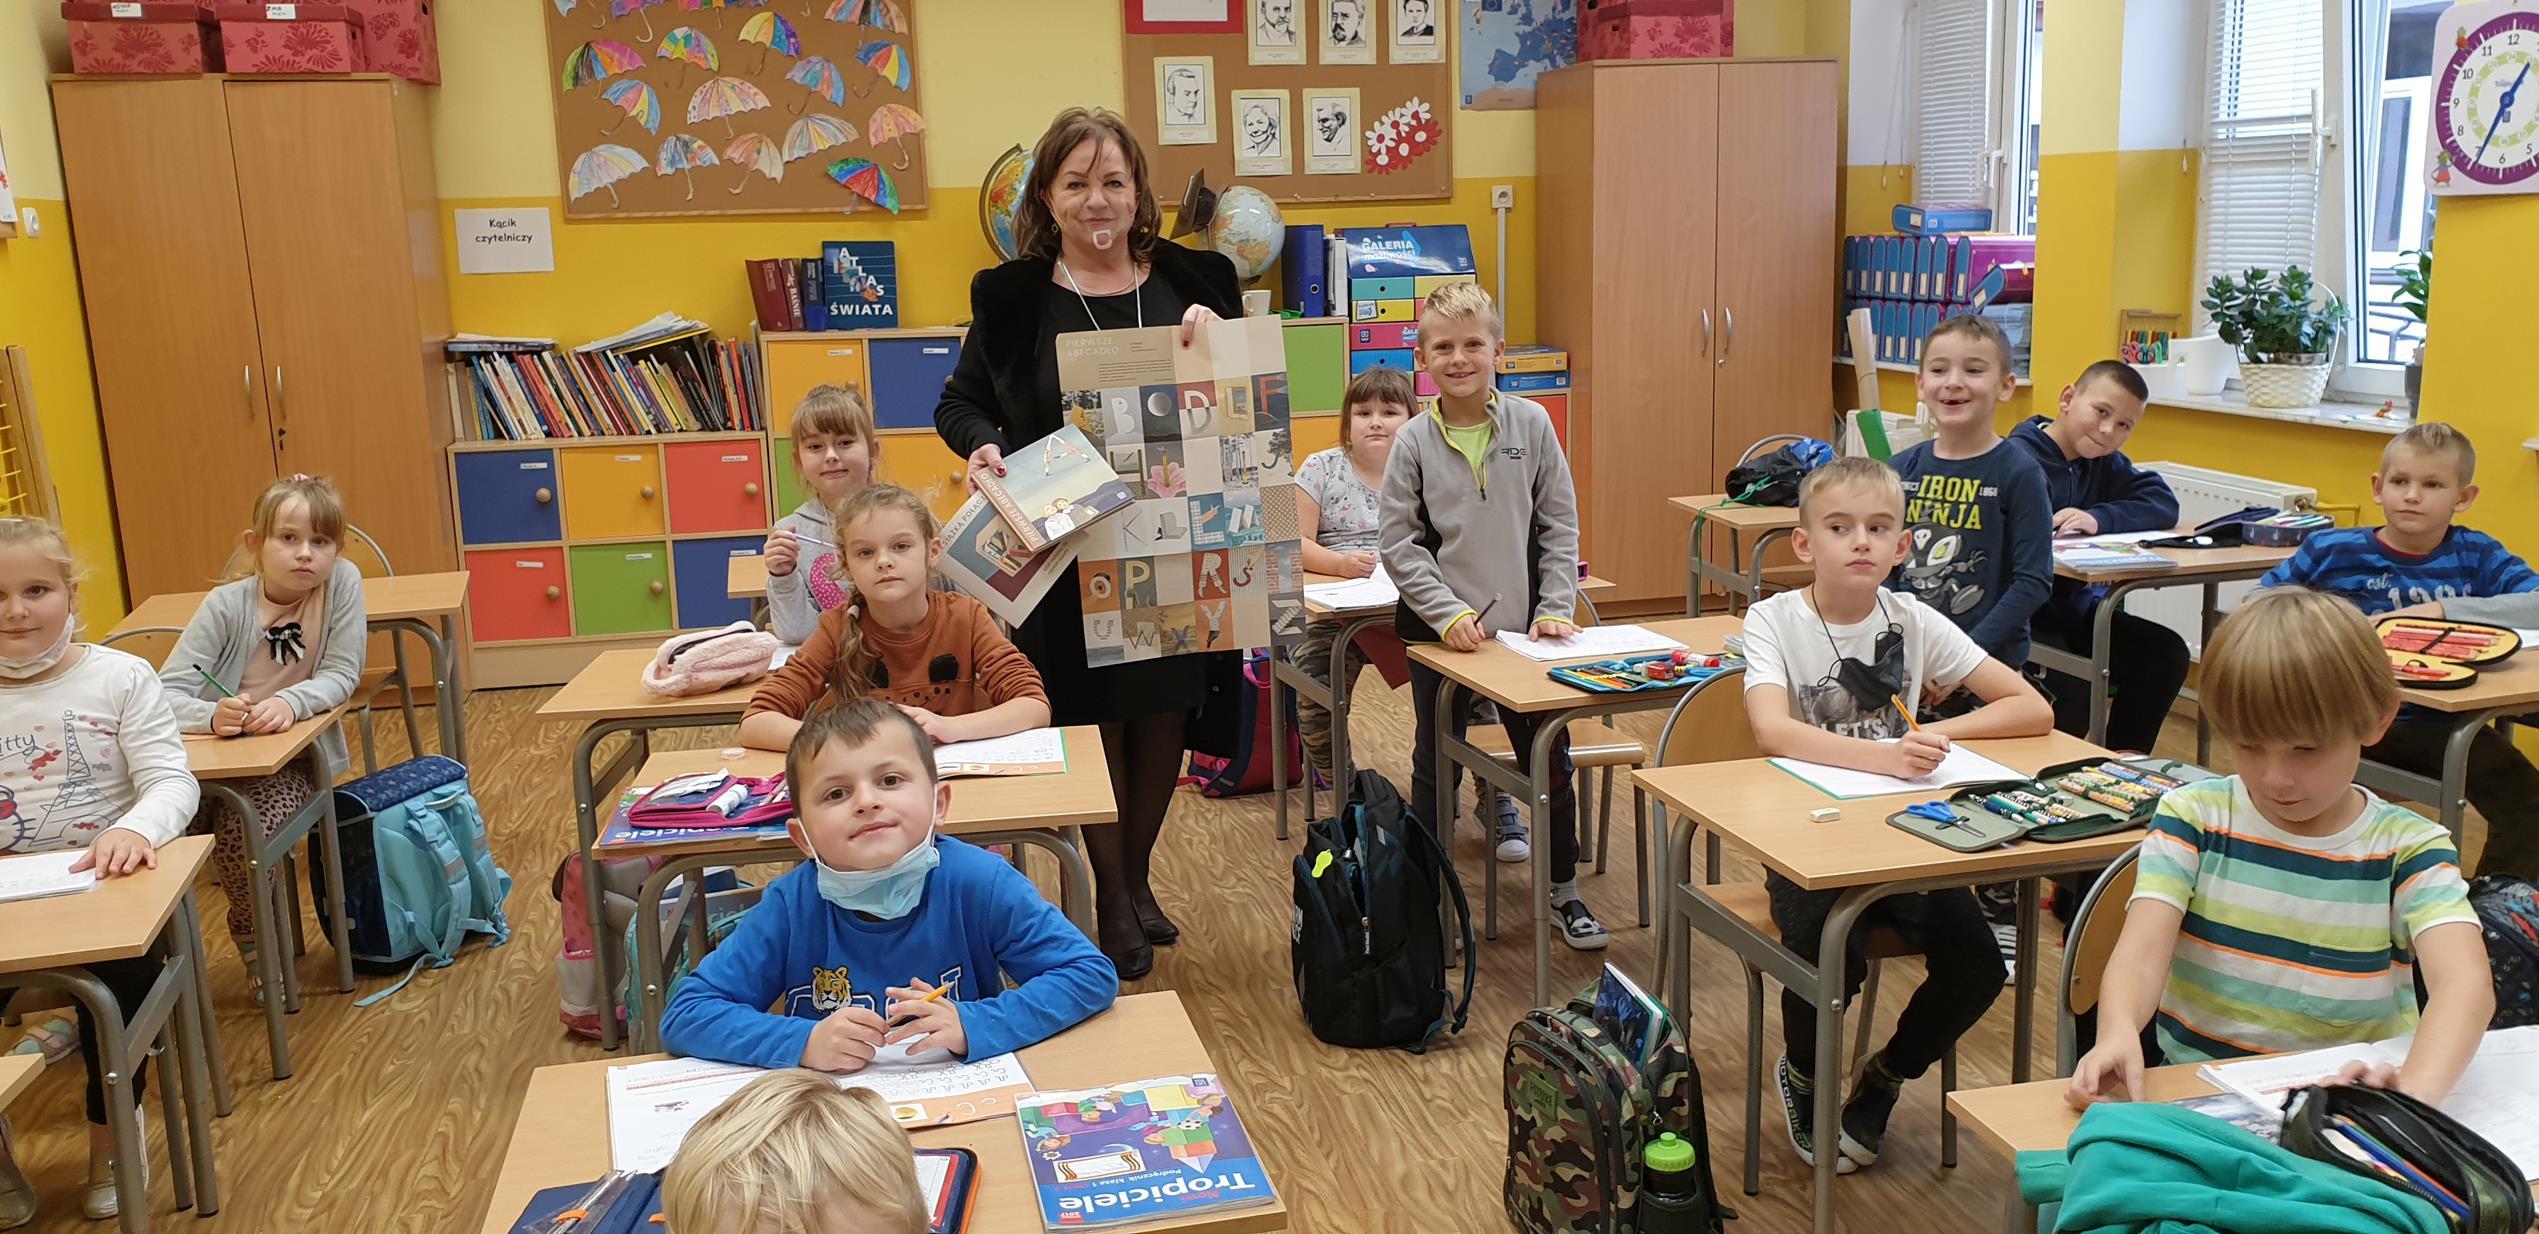 Pani dyrektor Iwona Nowak-Gancarz prezentuje uczniom klasy I Wyprawkę Czytelniczą.